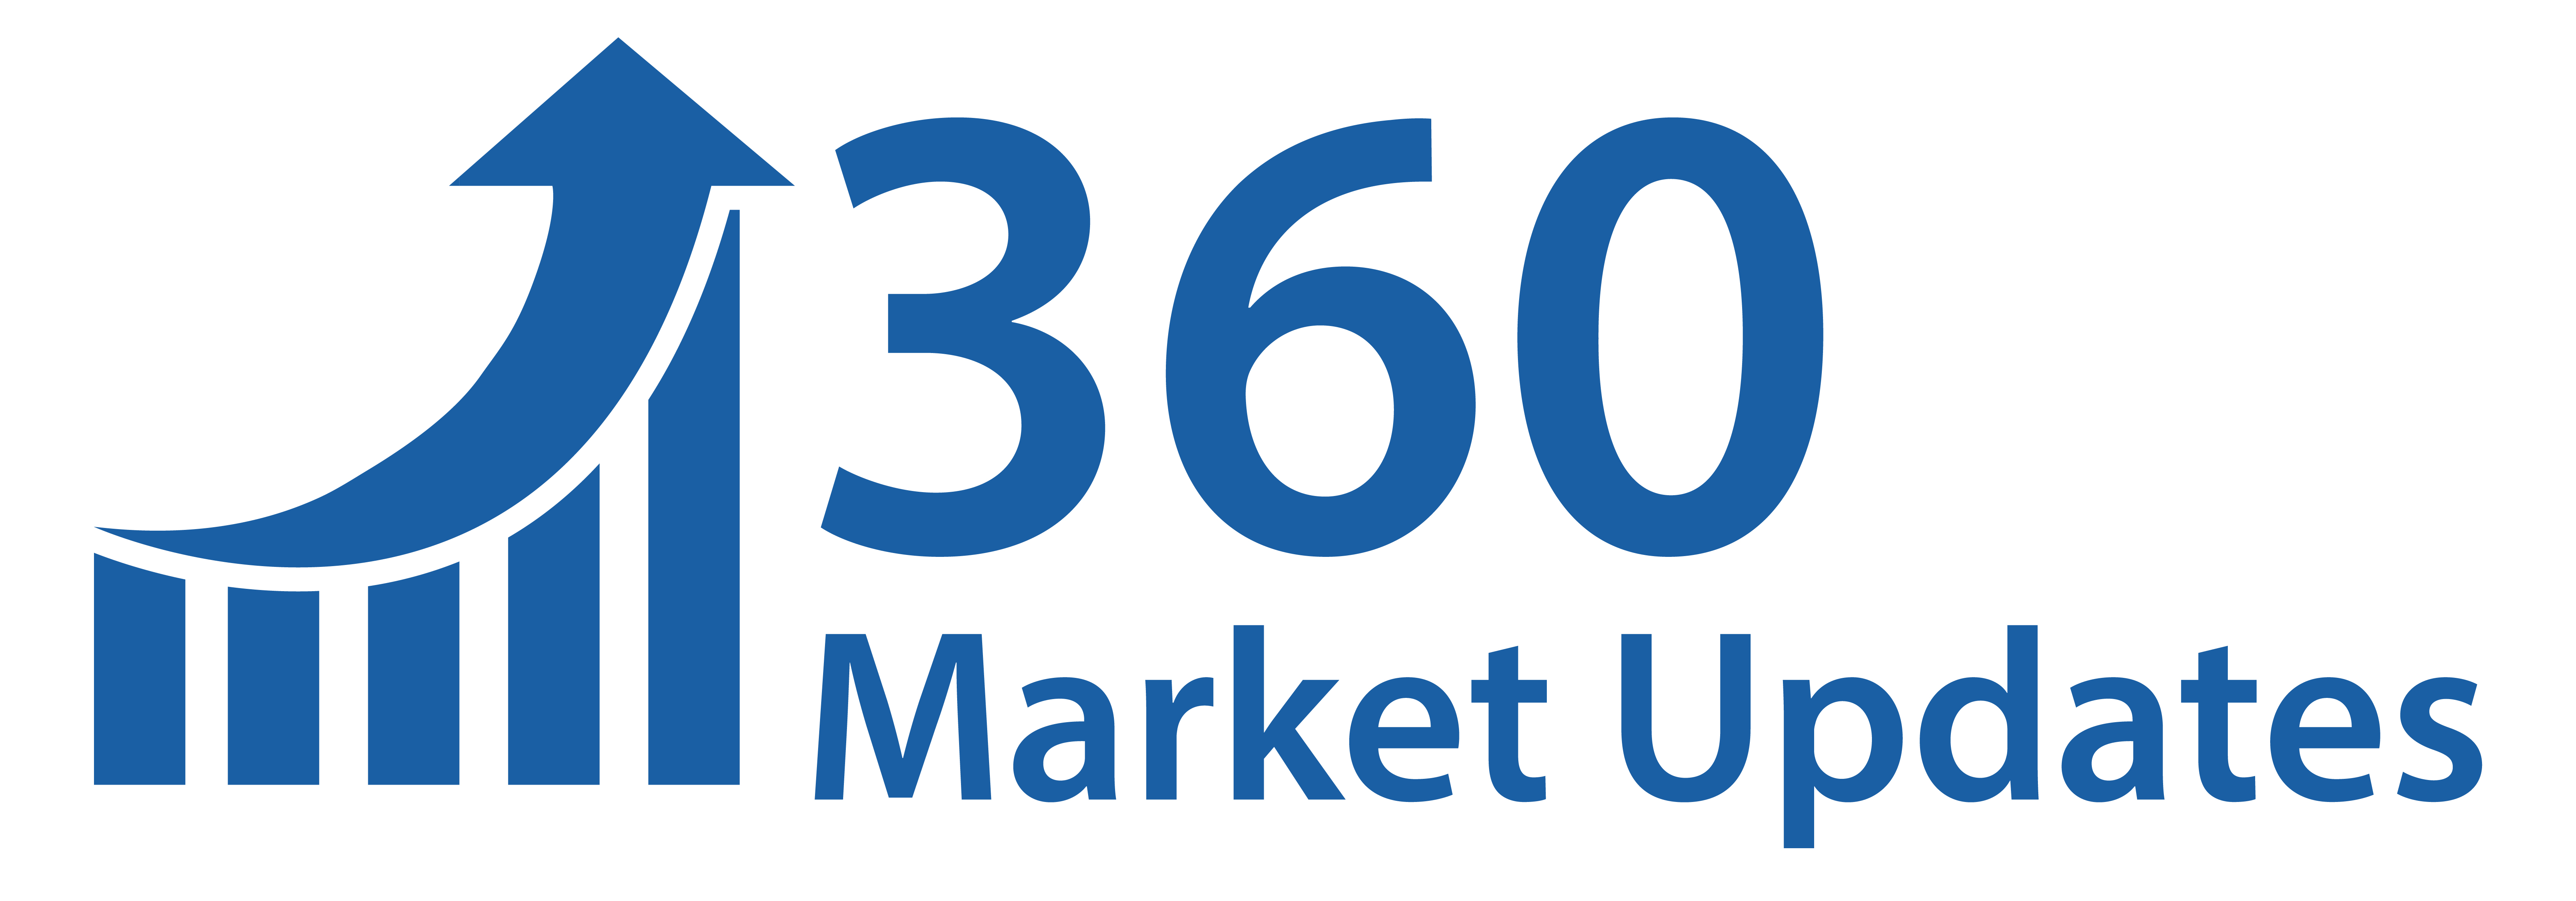 Polypropylen-Carbonat (PPC) Markt 2020 – Industrienachfrage, Aktie, Größe, Zukunftstrends Pläne, Wachstumschancen, Schlüsselakteure, Anwendung, Nachfrage, Branchenforschungsbericht nach Regionalprognose bis 2024